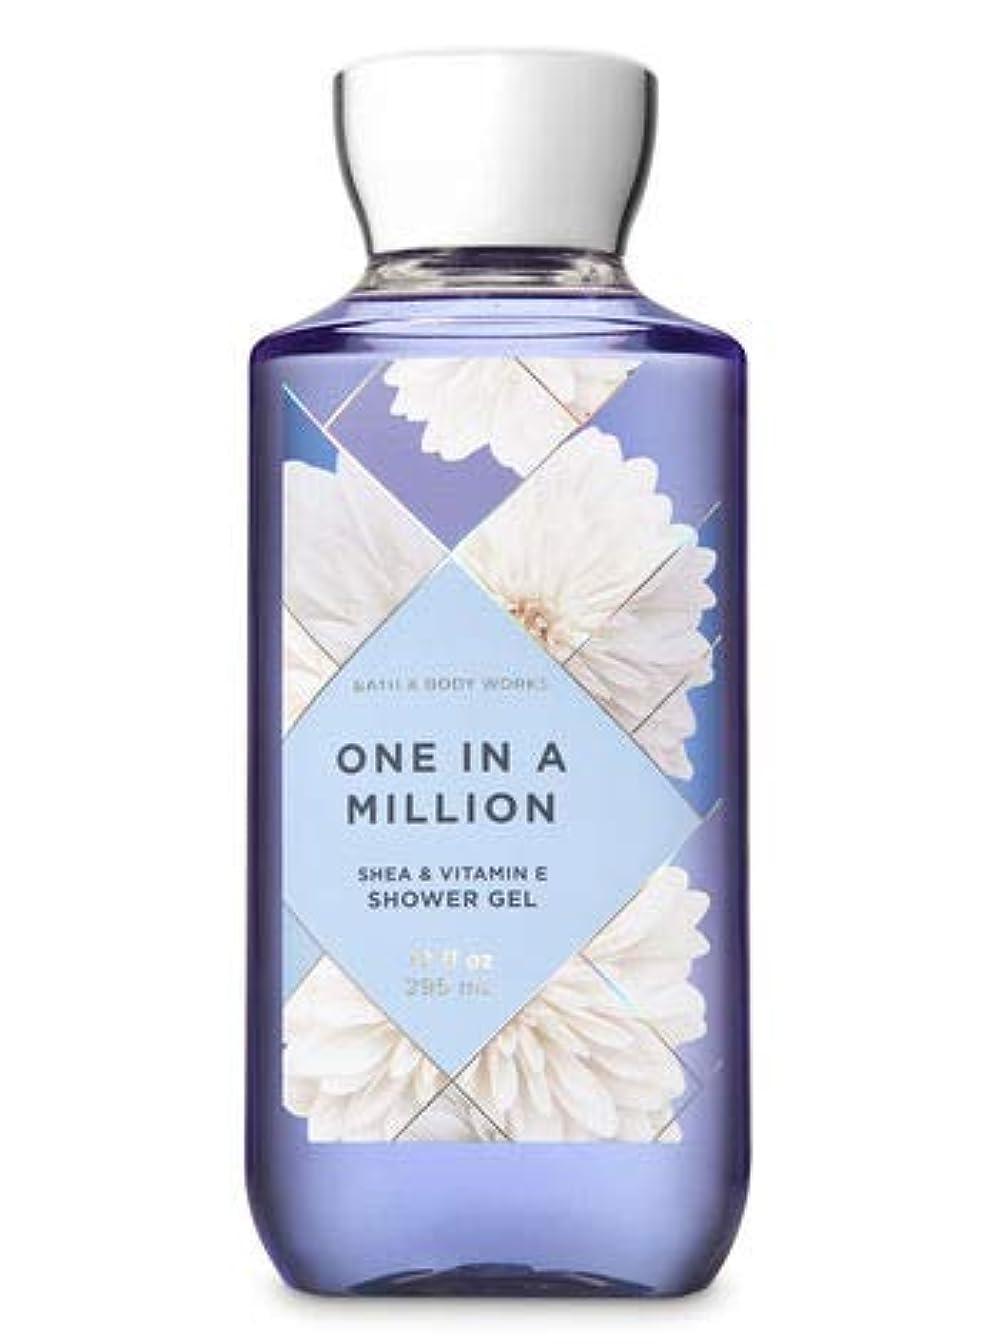 ステーキ苛性酔っ払い【Bath&Body Works/バス&ボディワークス】 シャワージェル ワンインアミリオン Shower Gel One in a Million 10 fl oz / 295 mL [並行輸入品]